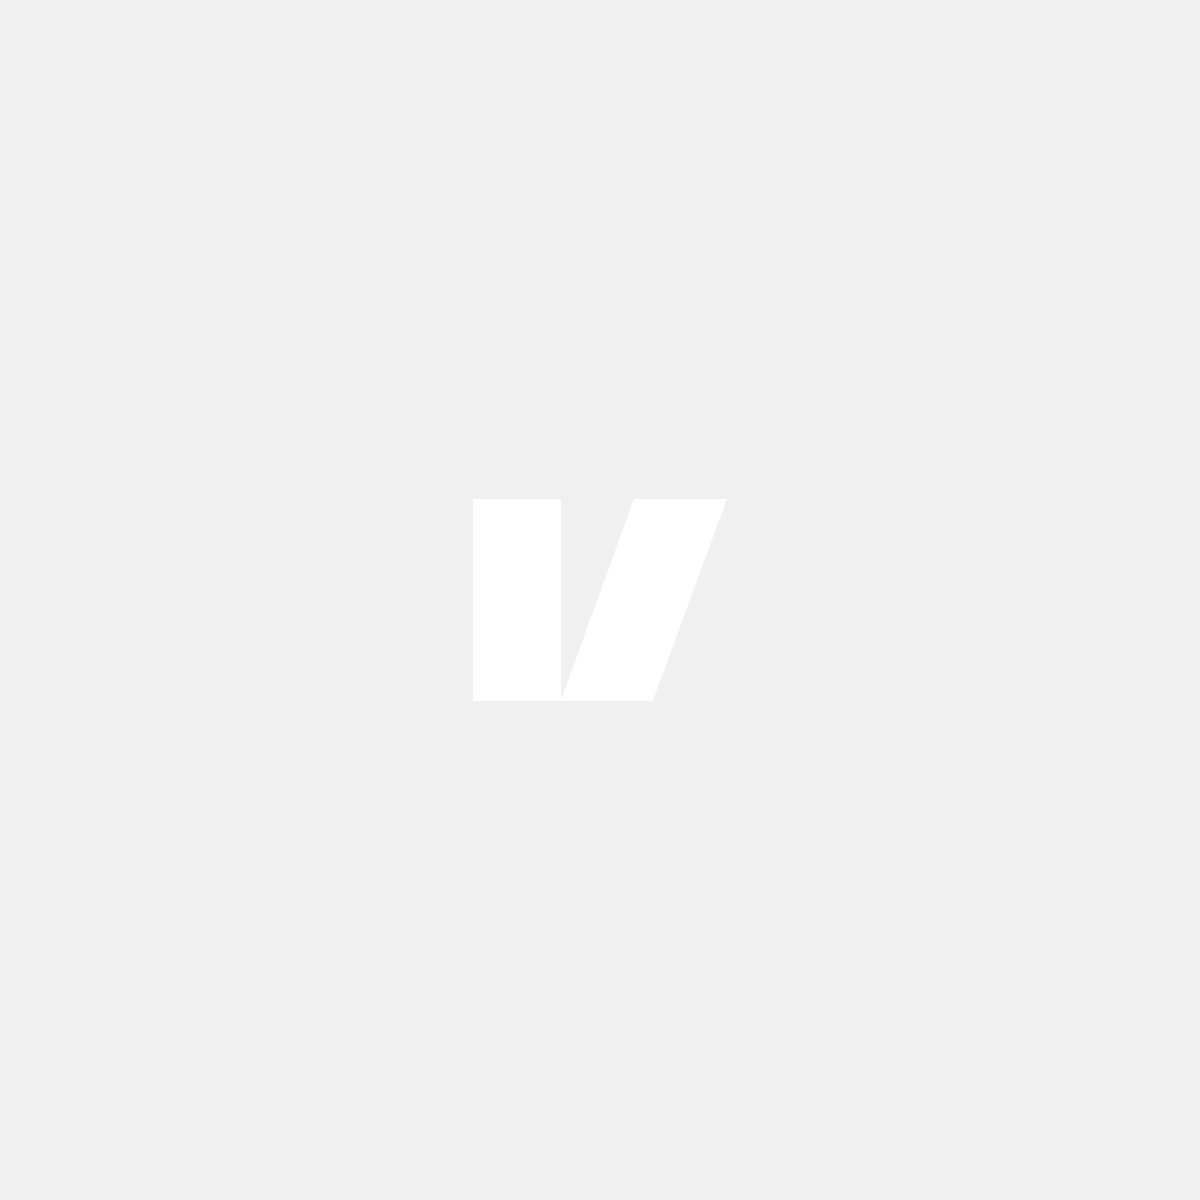 JR Sportluftfilterkit till Volvo S60, S80, V70, XC70